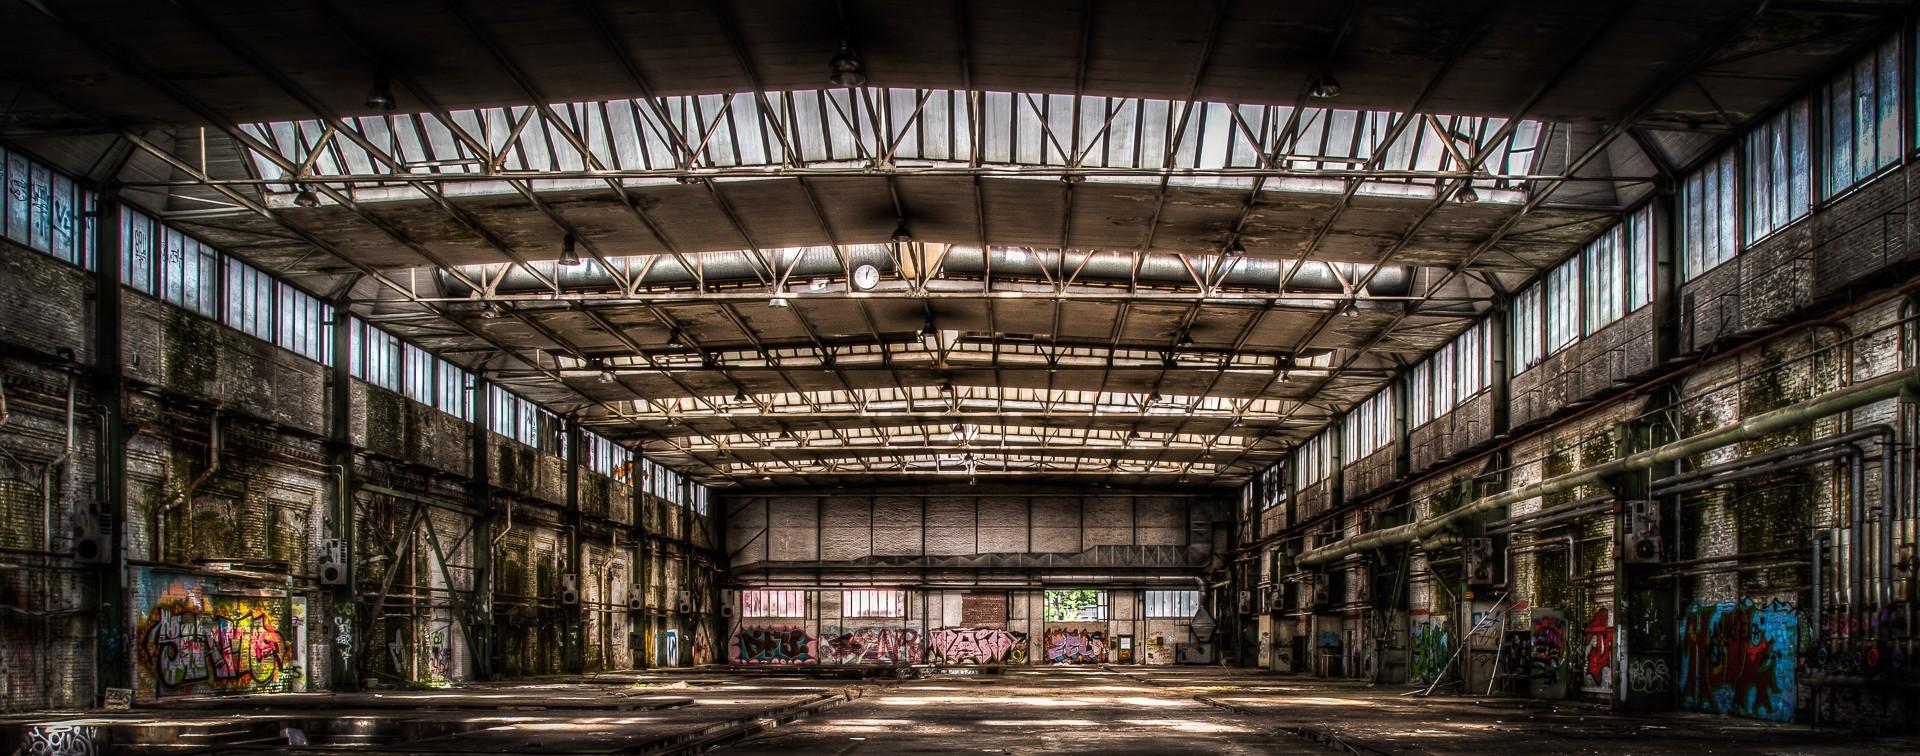 Verlassene_Fabrik-15